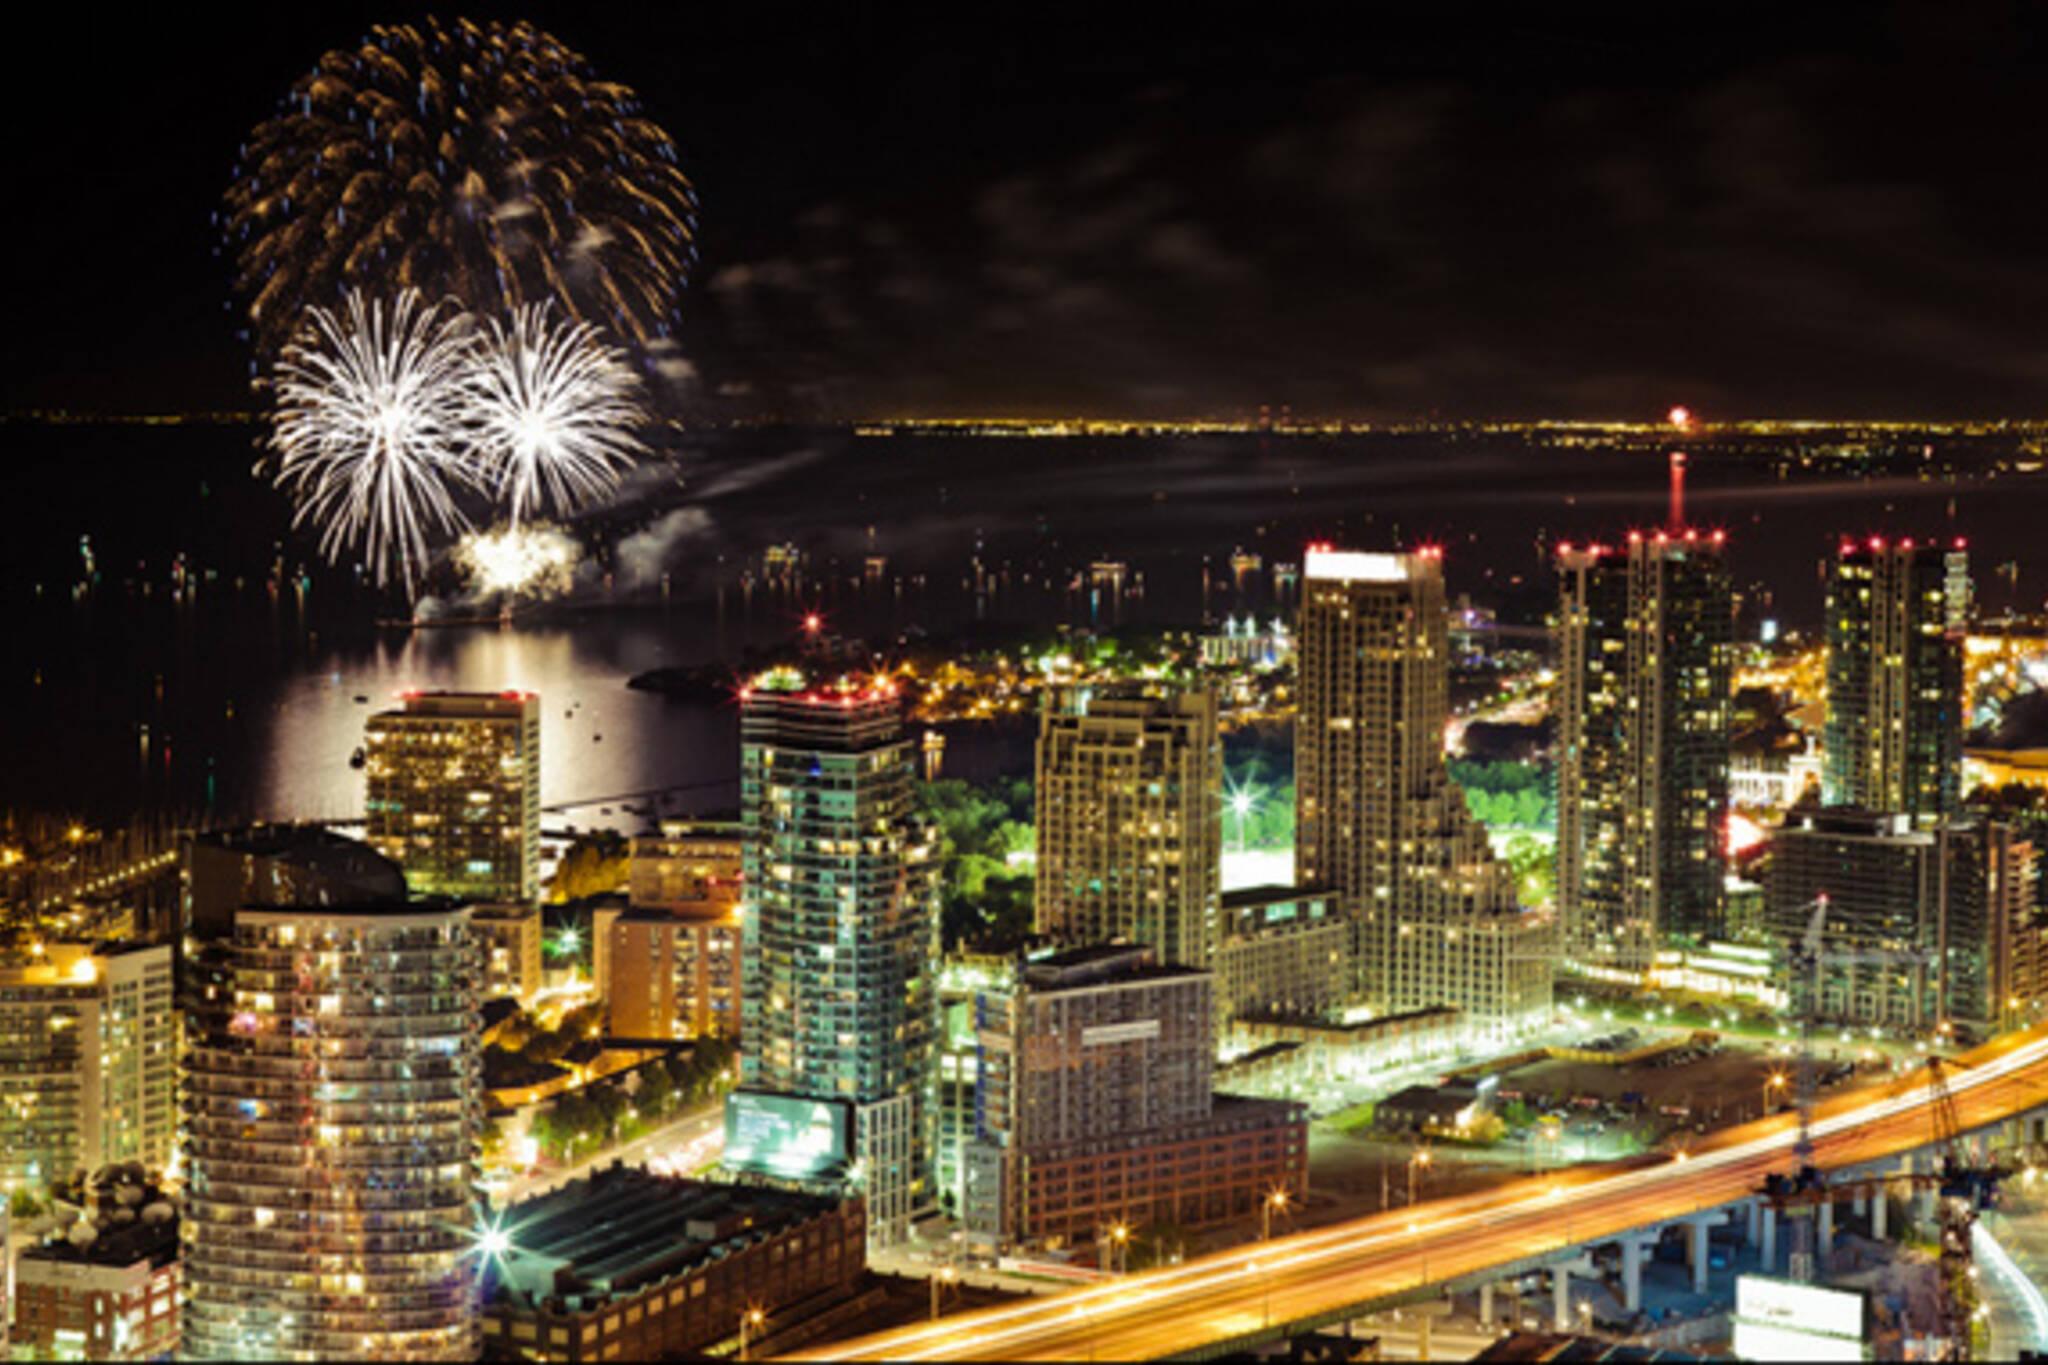 Canada Day Fireworks Toronto 2013